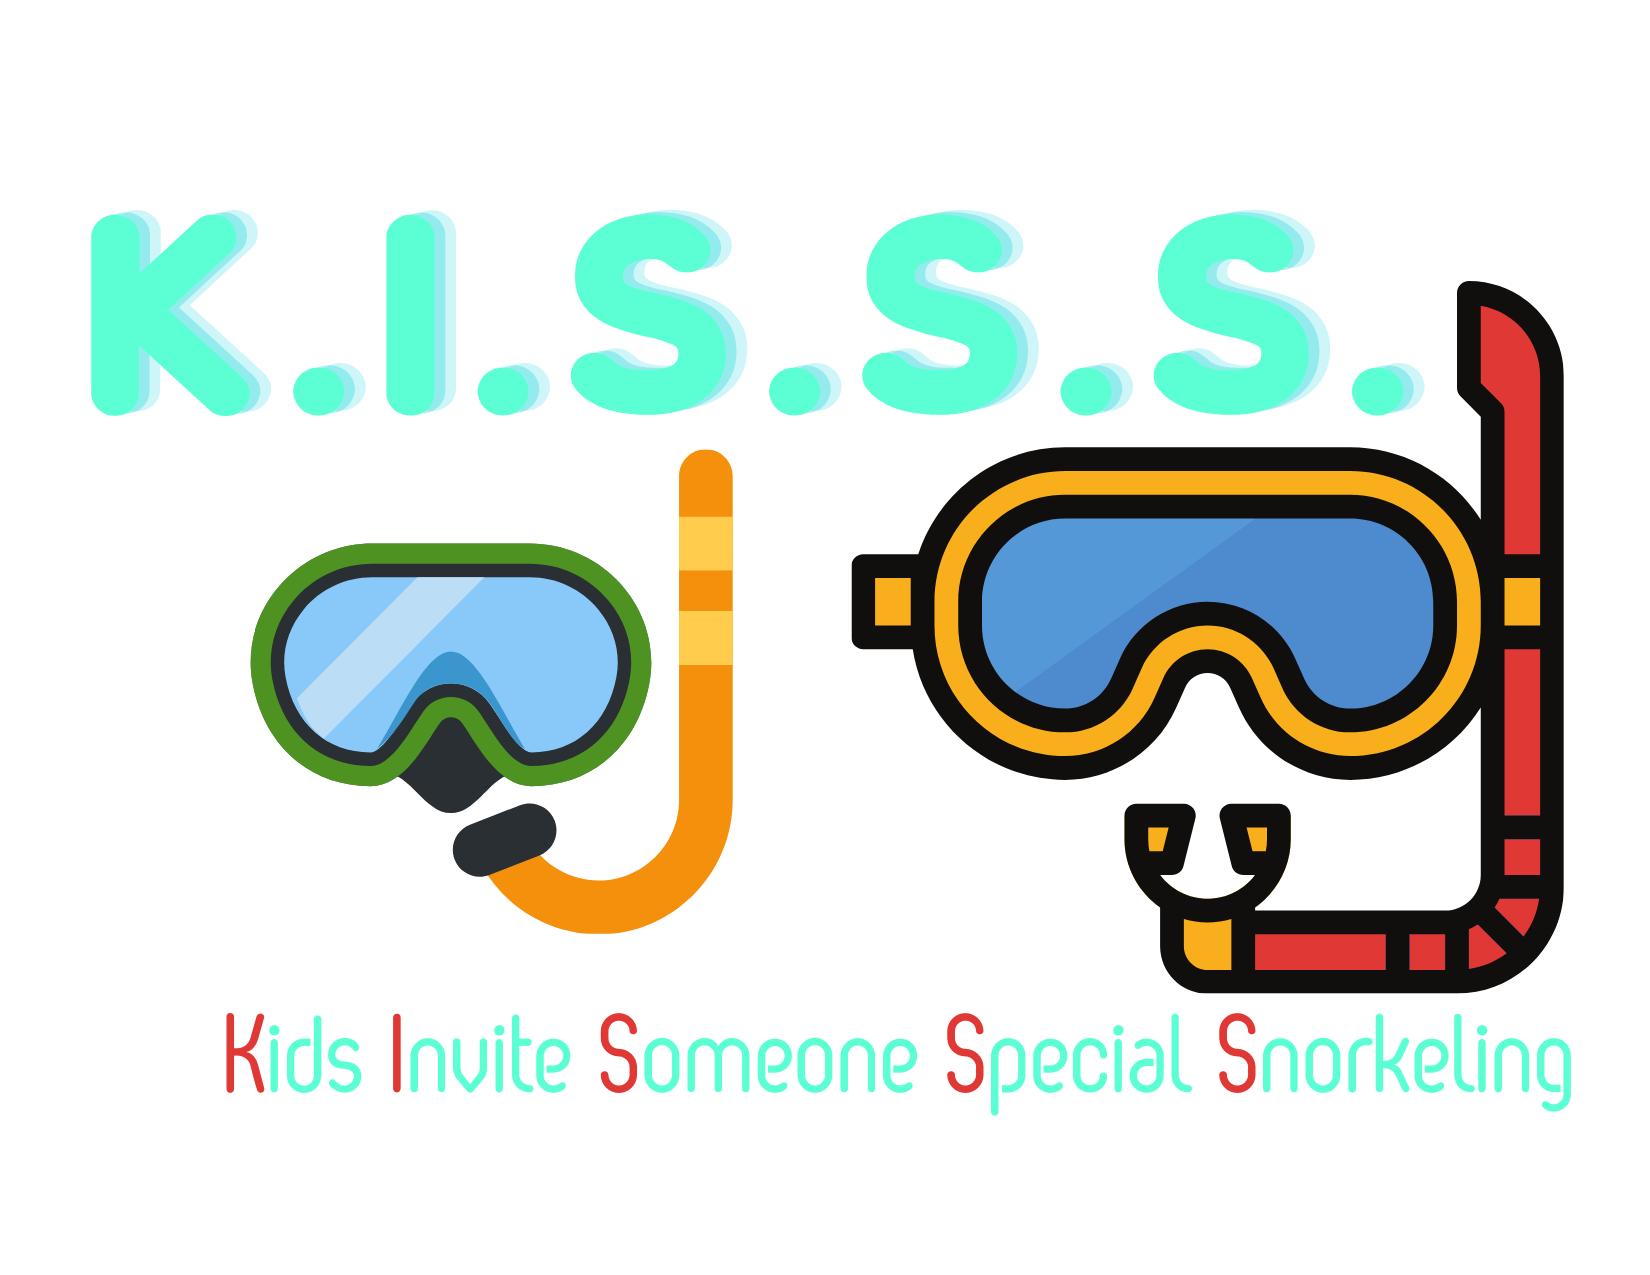 K.I.S.S.S.: Kids Invite Someone Special Snorkeling